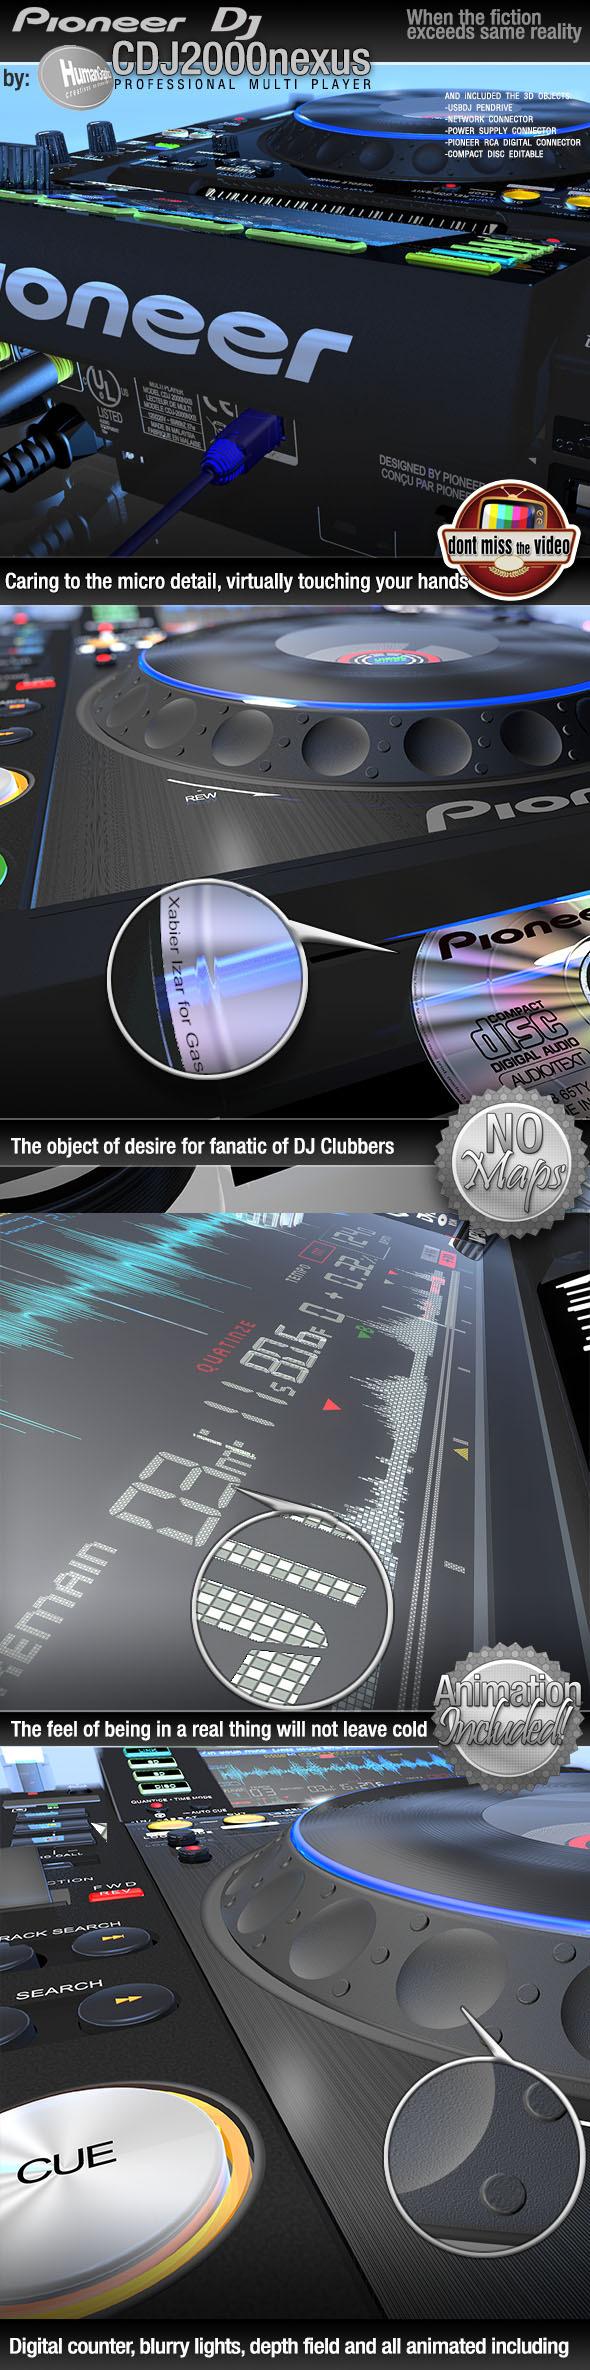 3DOcean Realistic CD Player Pioneer CDJ2000nexus black 9349890